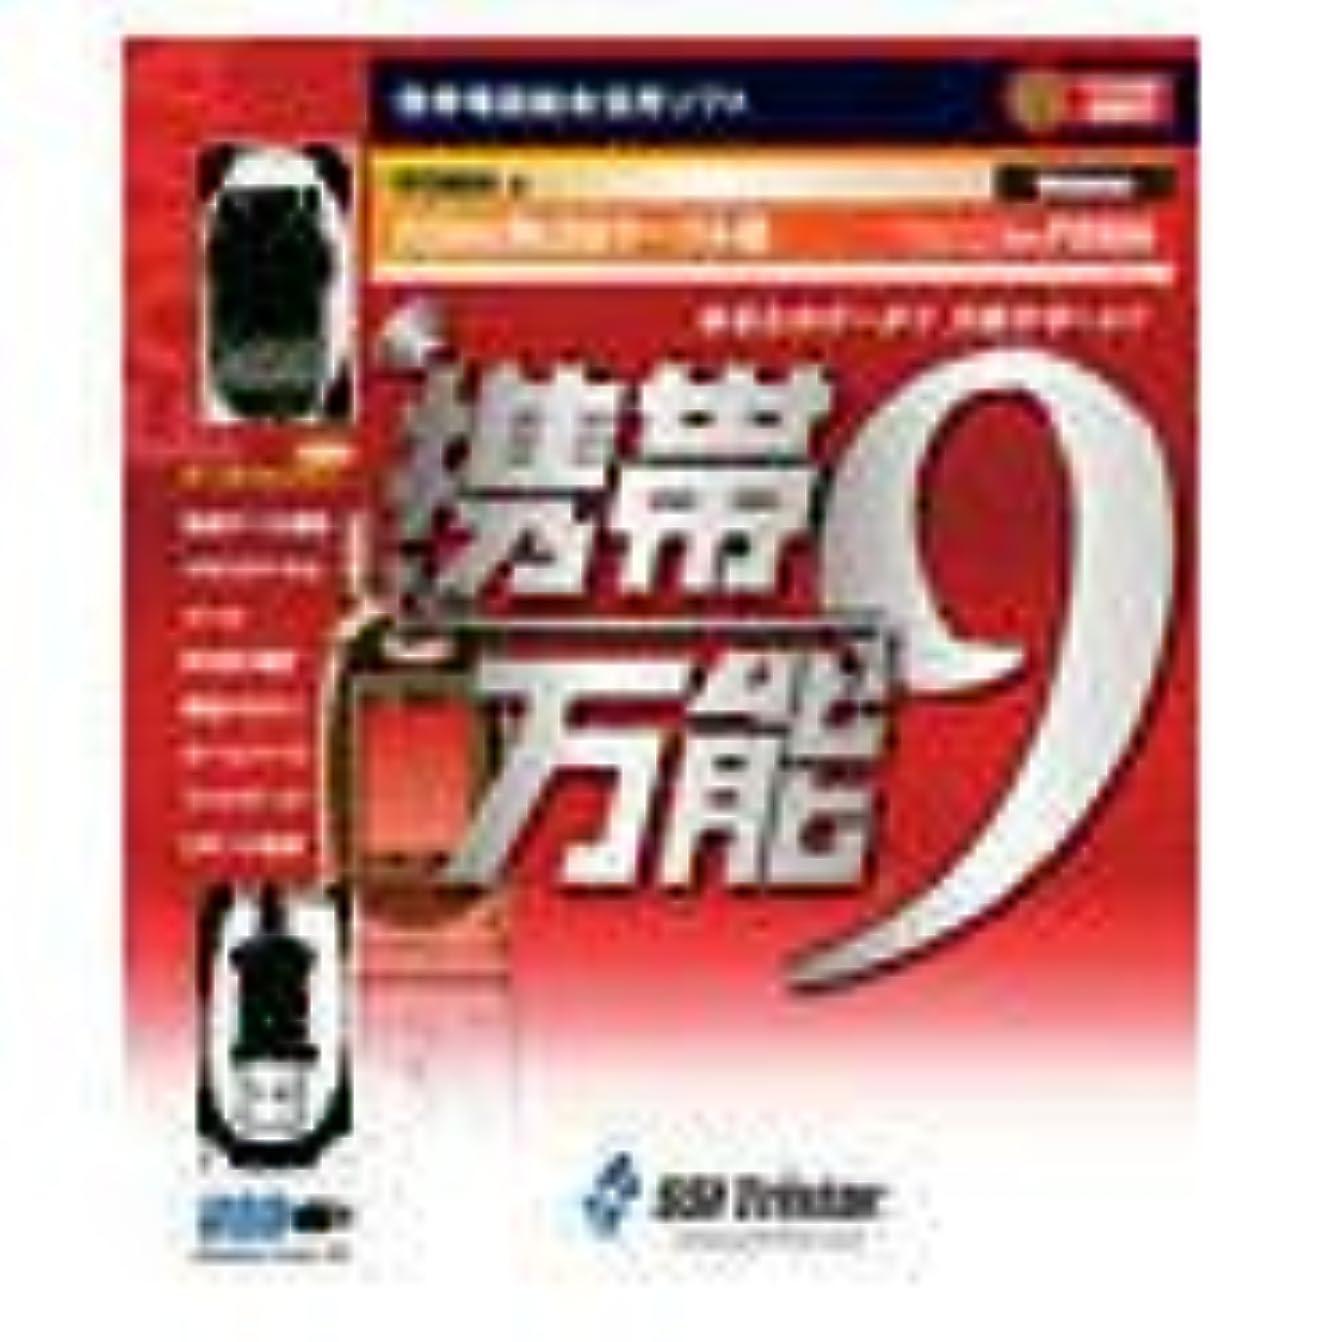 暴力的な優遇海携帯万能 9 FOMA用USBケーブル版 特別キャンペーン